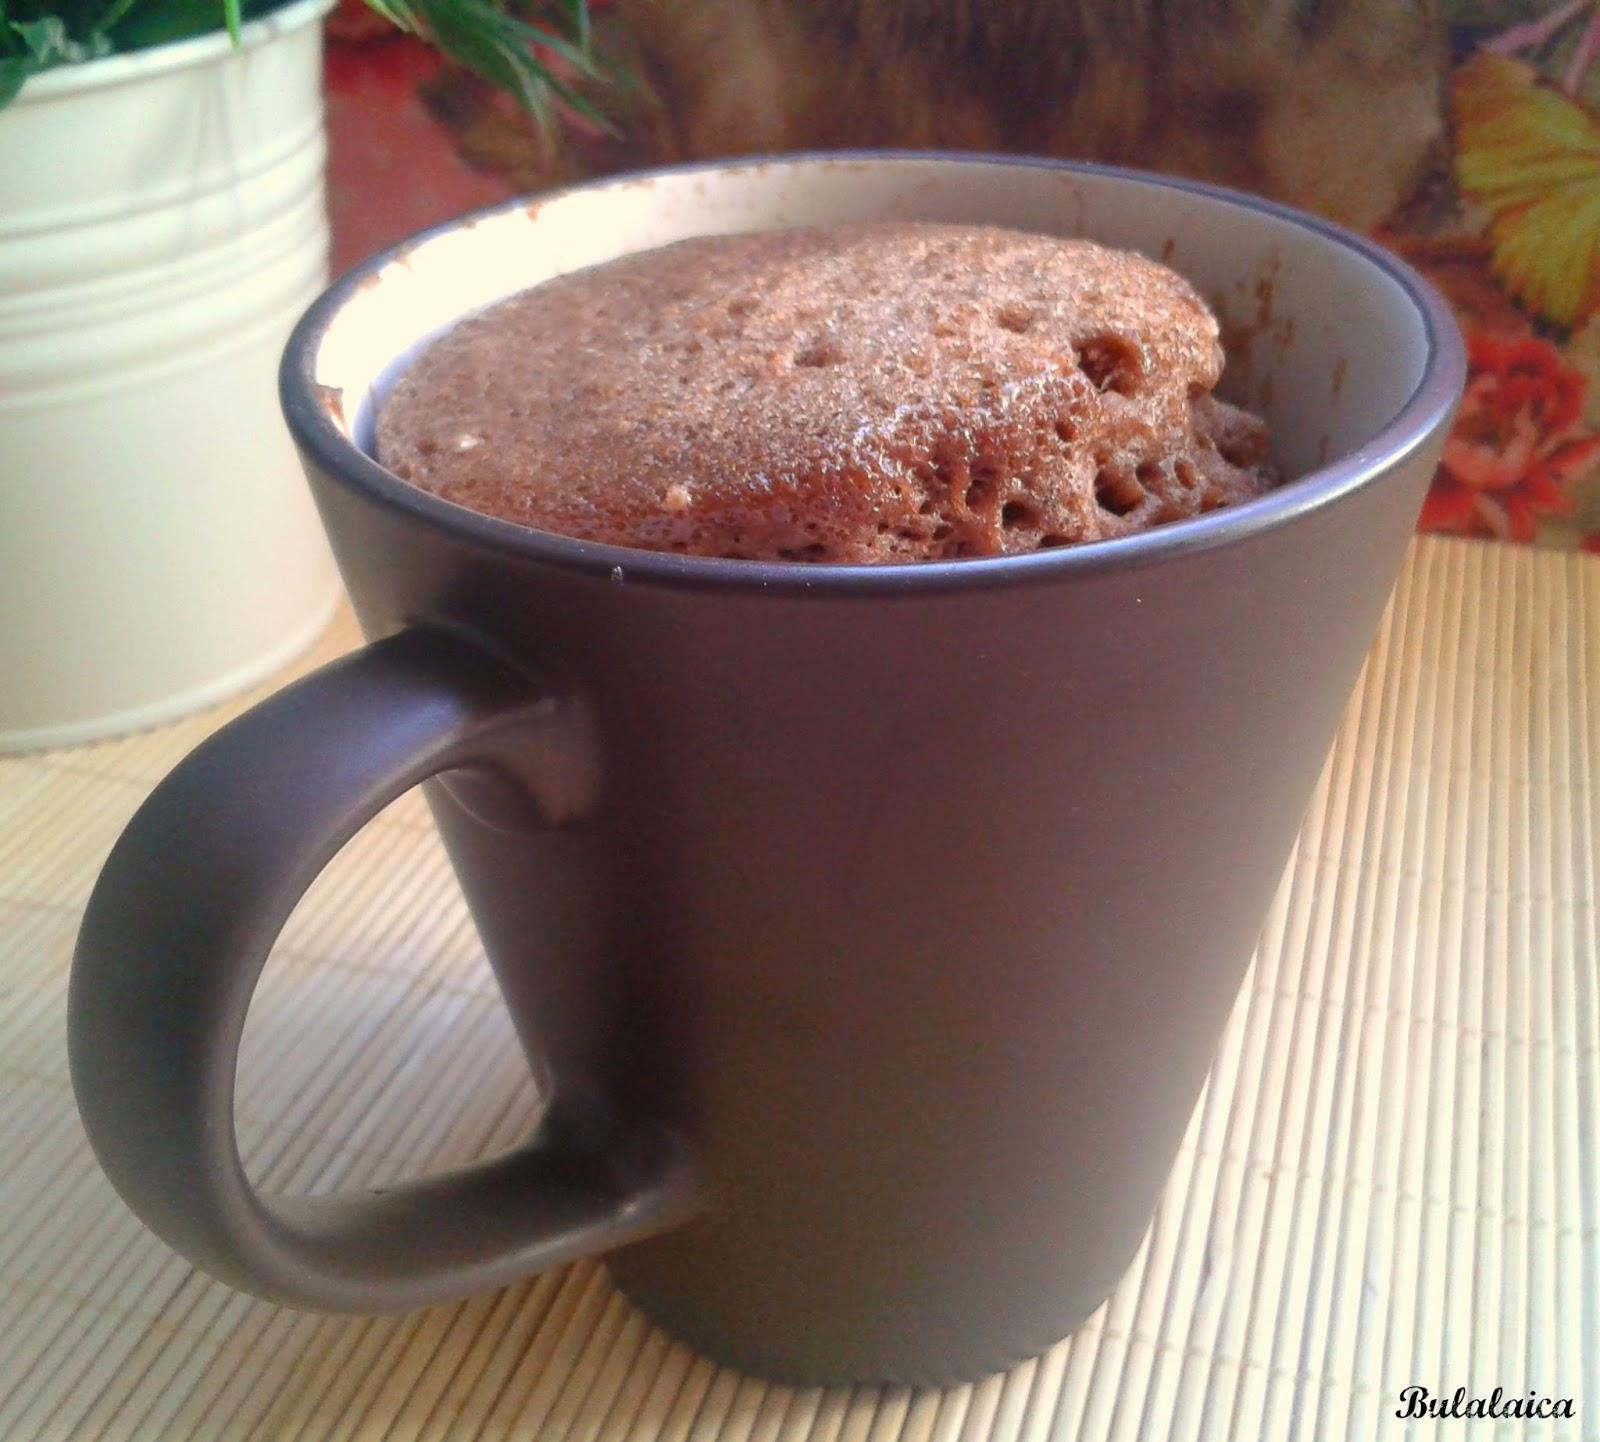 Bulalaica bizcocho de chocolate en una taza 2 minutos - Bizcocho microondas 3 minutos ...